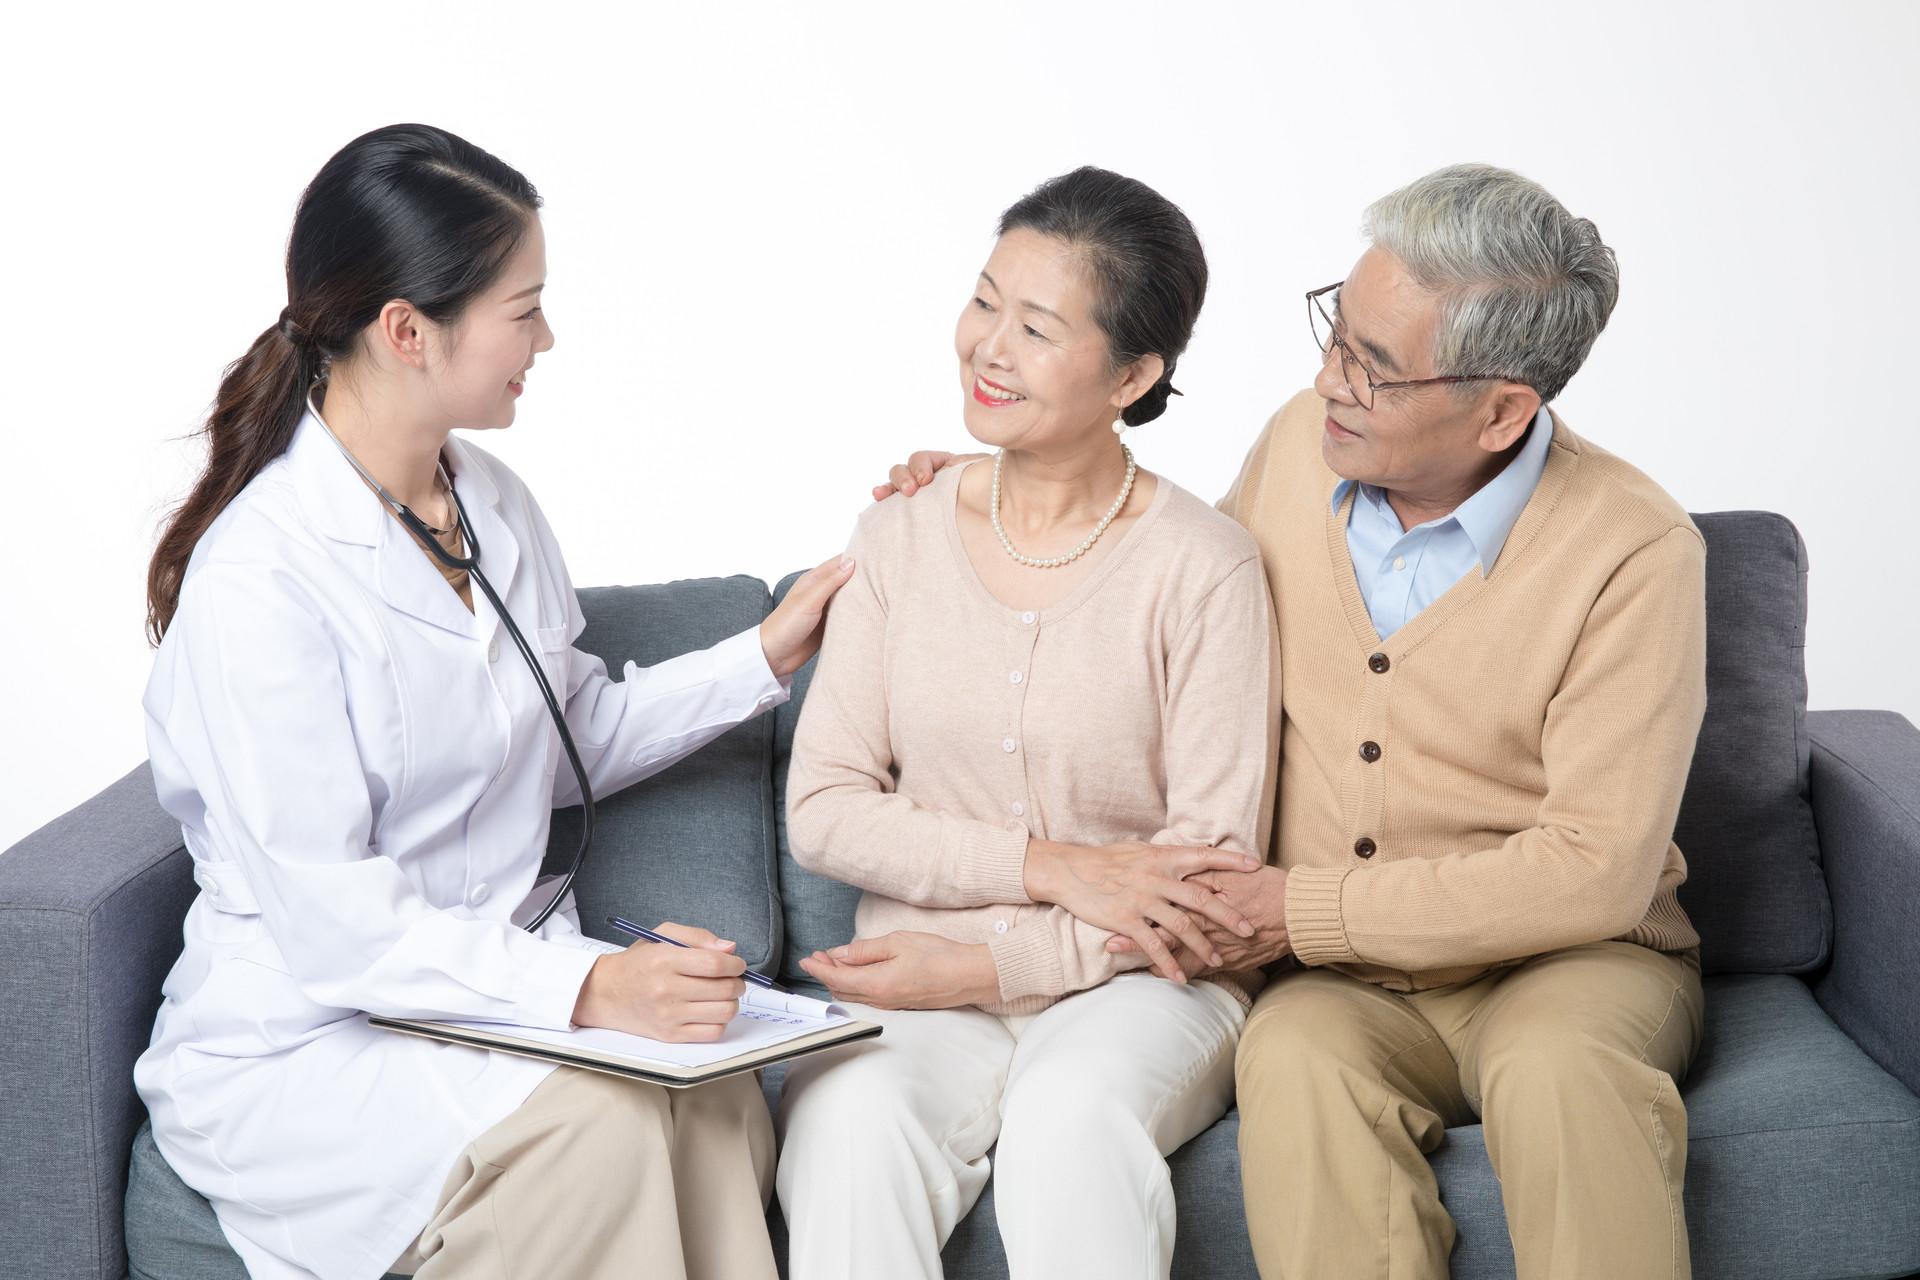 人类杀手——胃癌,中医治疗可有妙招?跟手术相比,有哪些优势